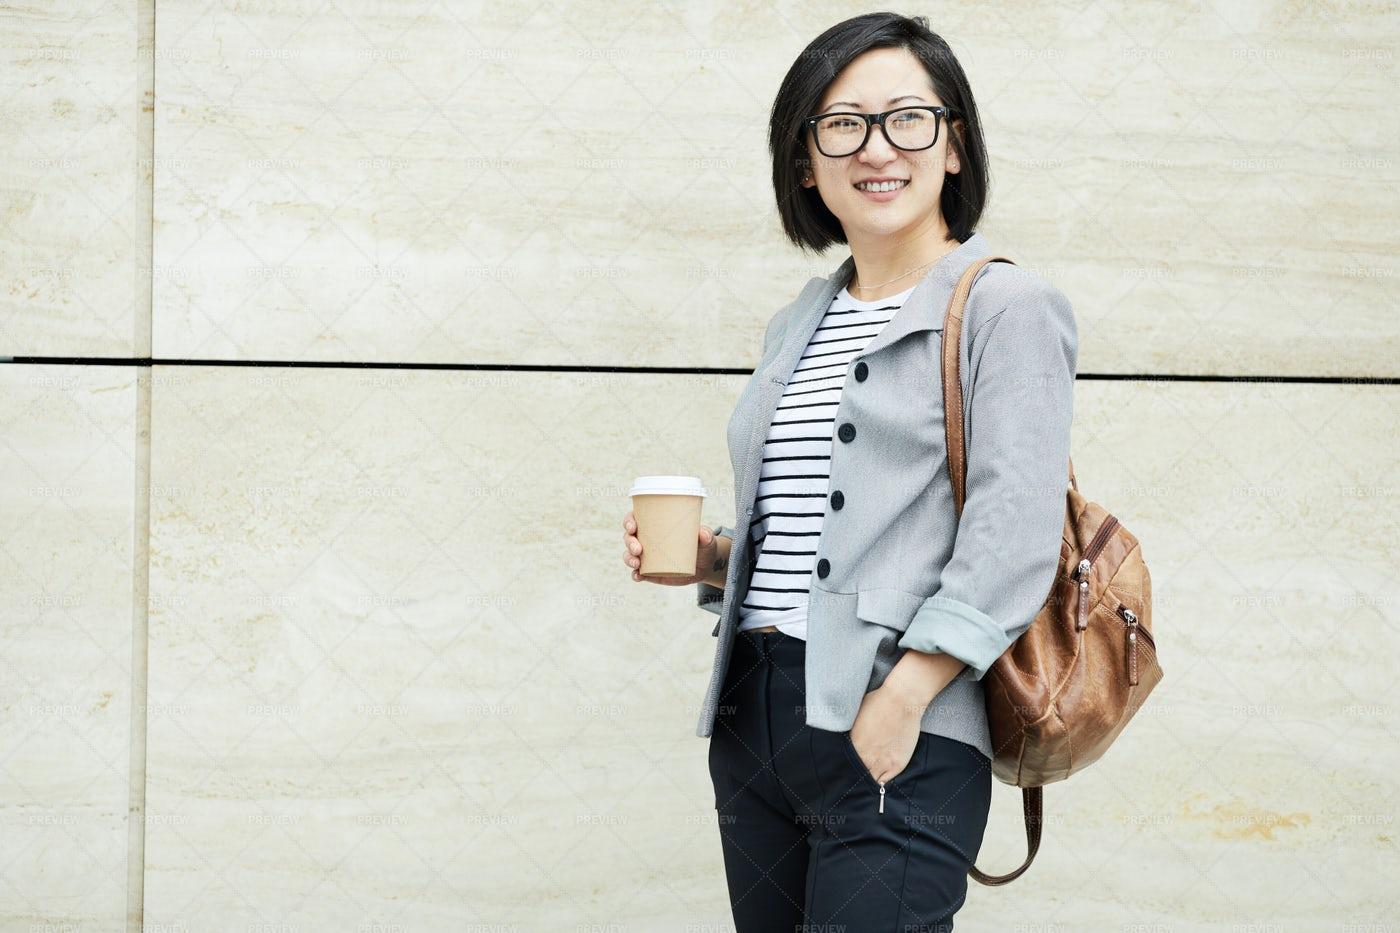 Modern Asian Student Posing...: Stock Photos